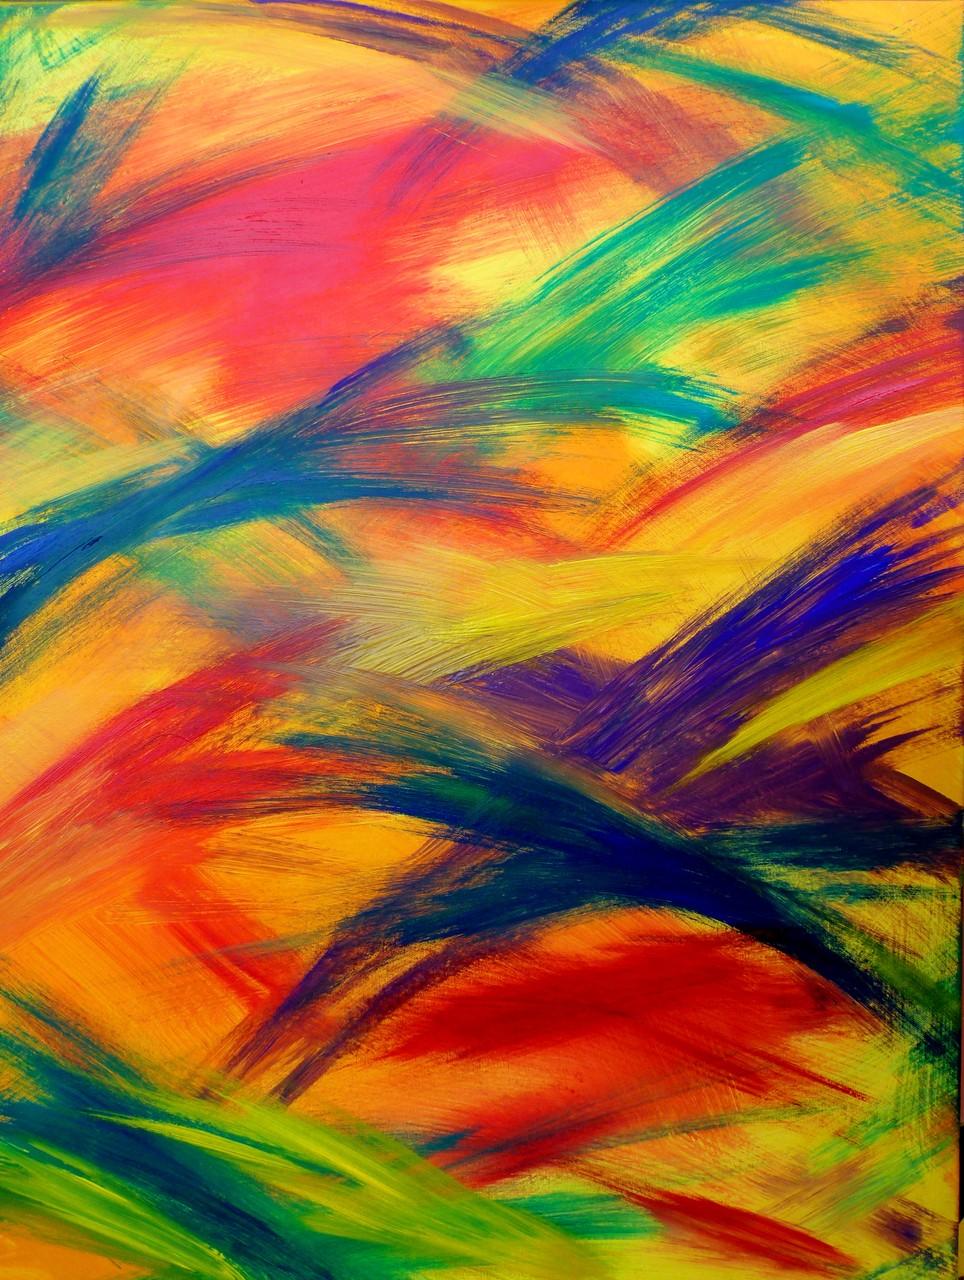 Die Explosion des Regenbogens (Acrylfarbe auf Leinwand  60x80cm)